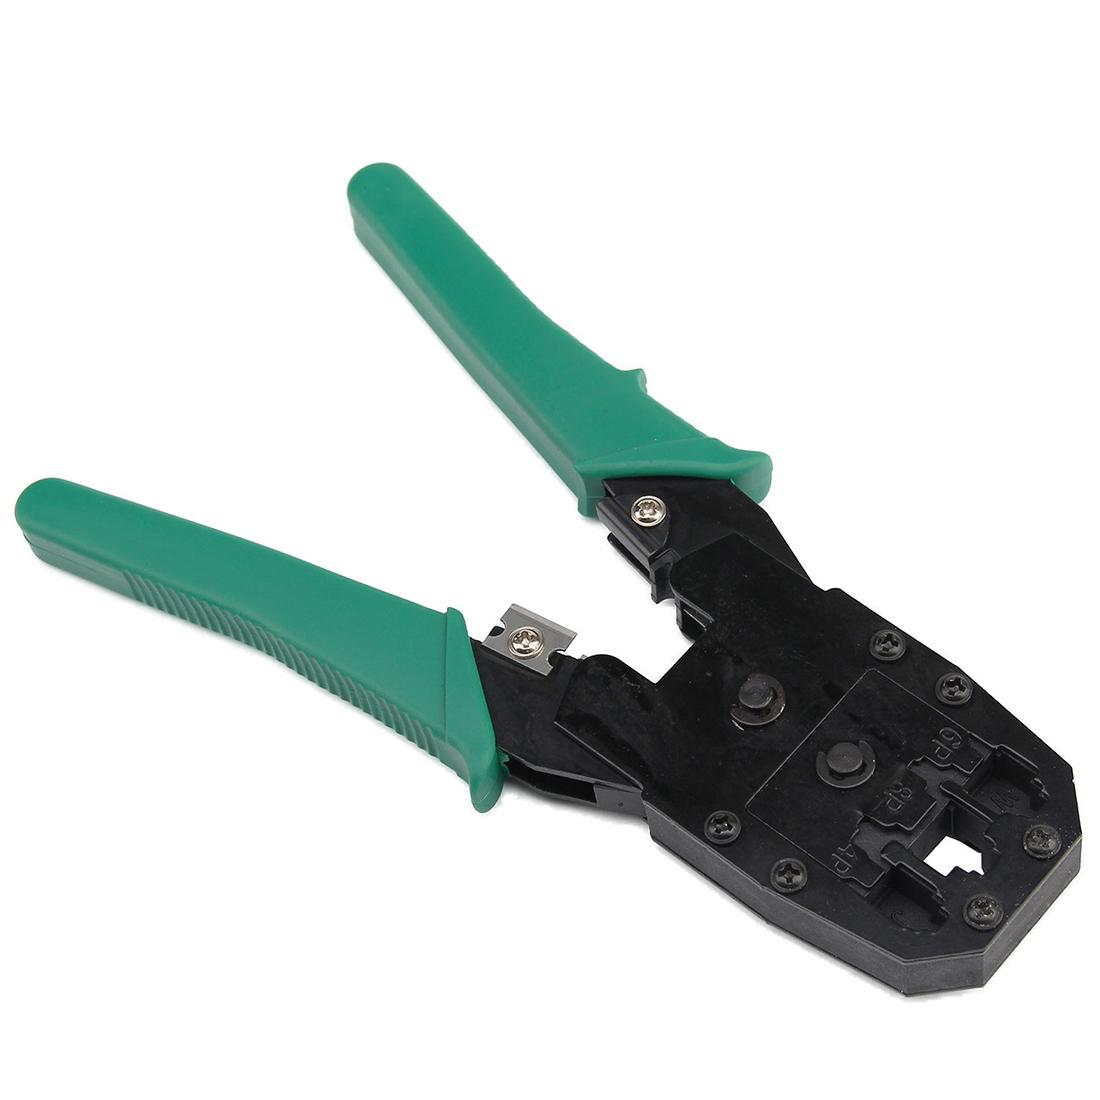 network ethernet lan cable tester crimper stripper tool kit connector si ebay. Black Bedroom Furniture Sets. Home Design Ideas